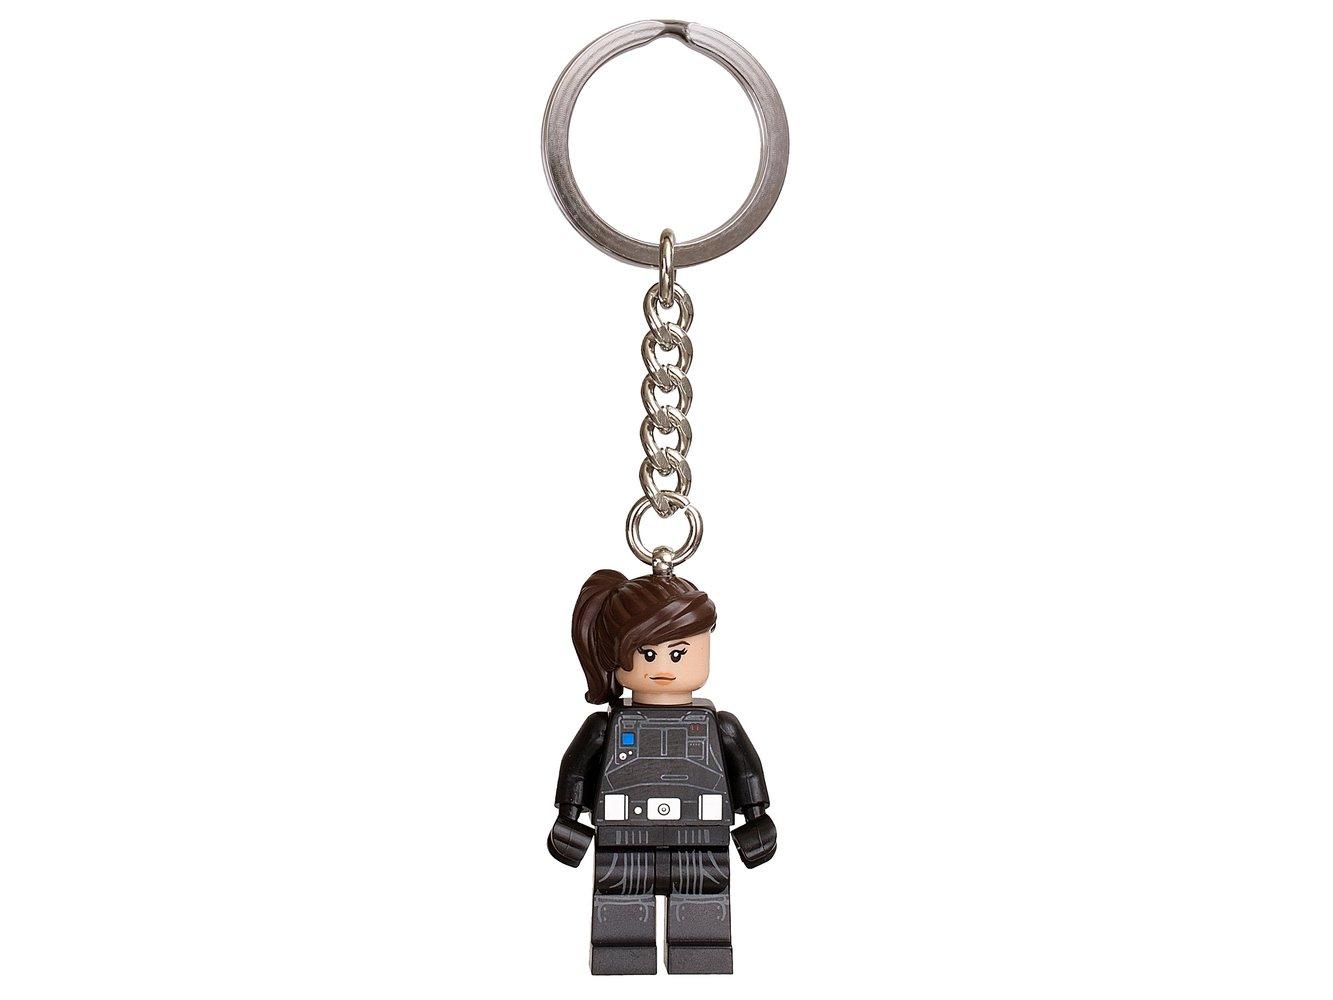 Jyn Erso Key Chain